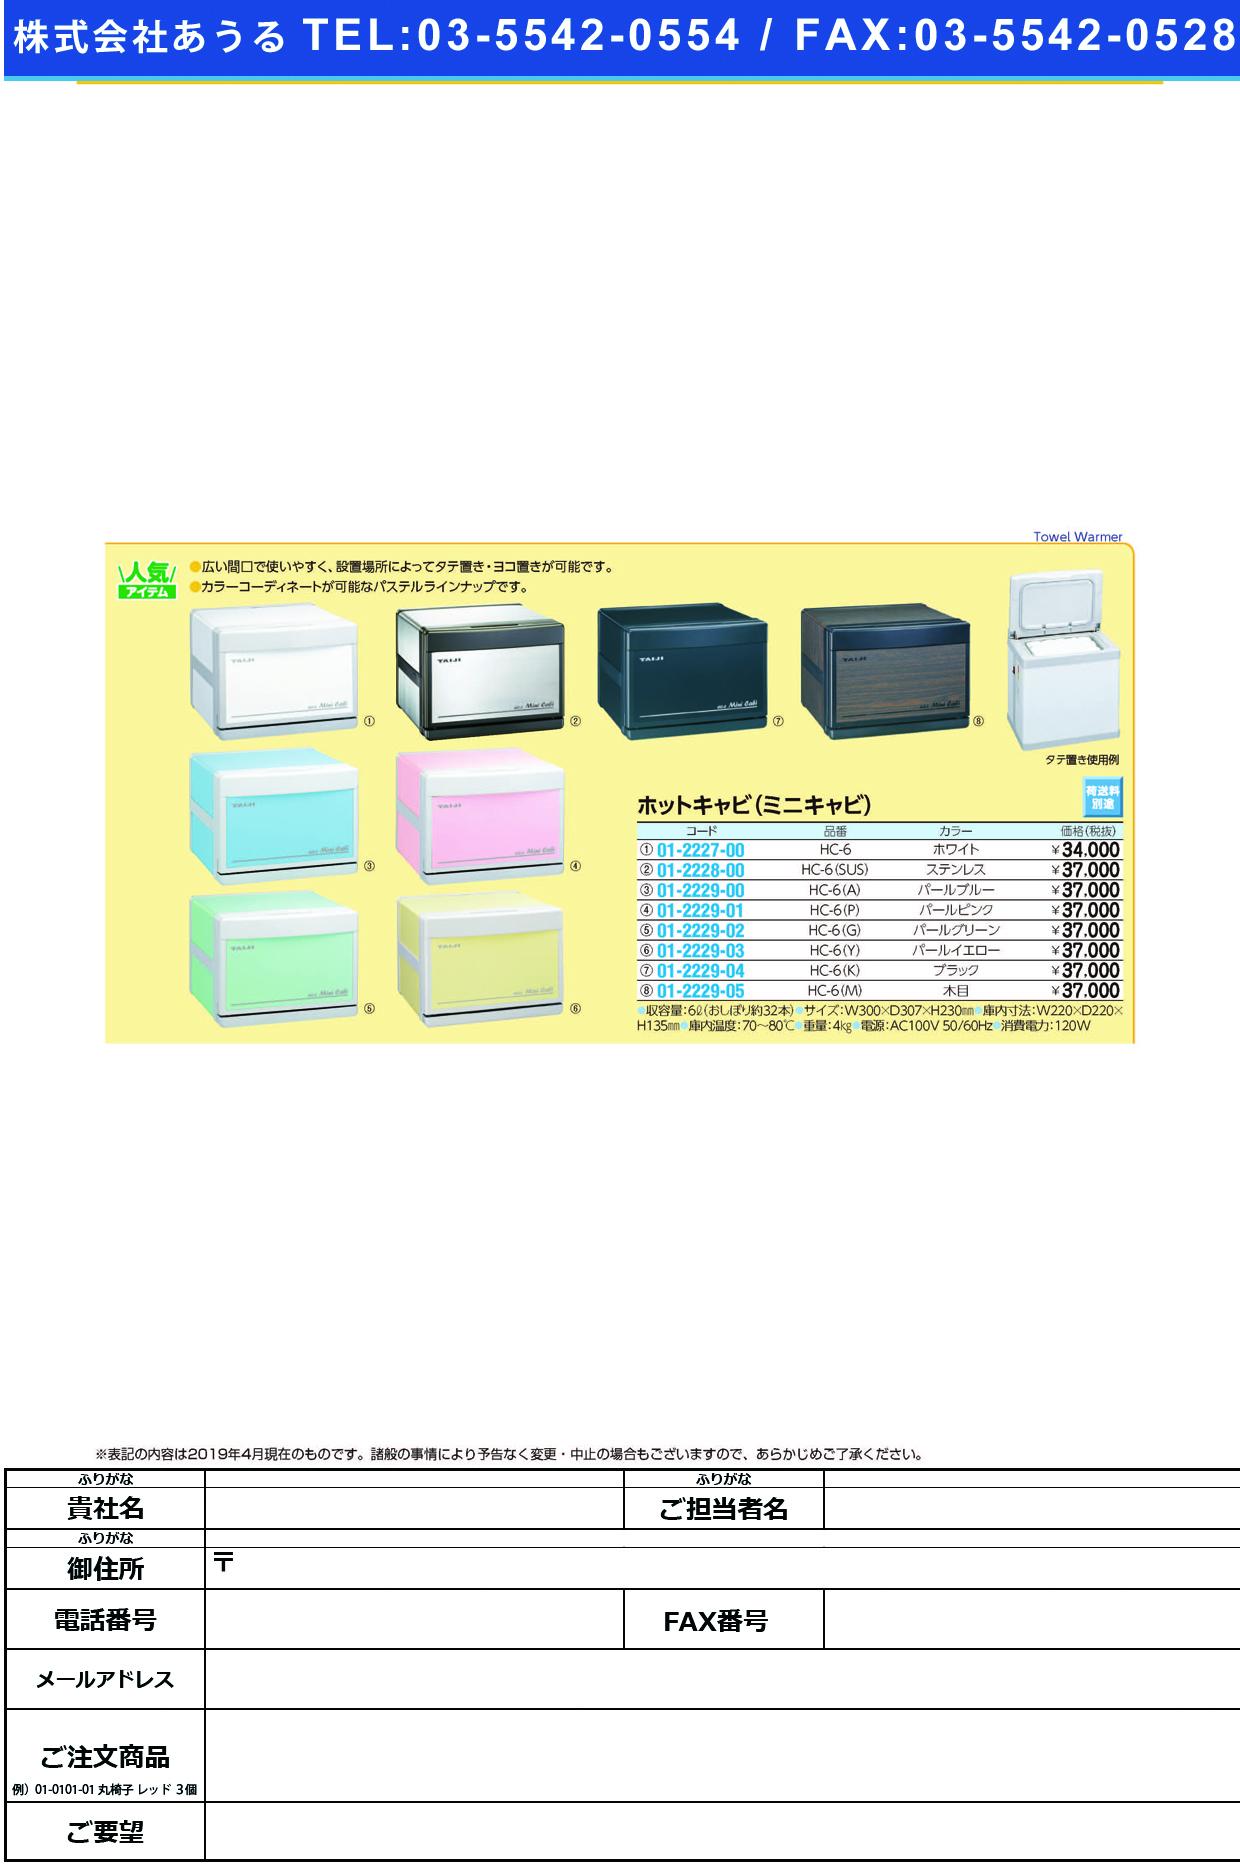 (01-2227-00)ホットキャビ(ミニキャビ) HC-6(ホワイト) ホットキャビ(ミニキャビ)(タイジ)【1台単位】【2019年カタログ商品】